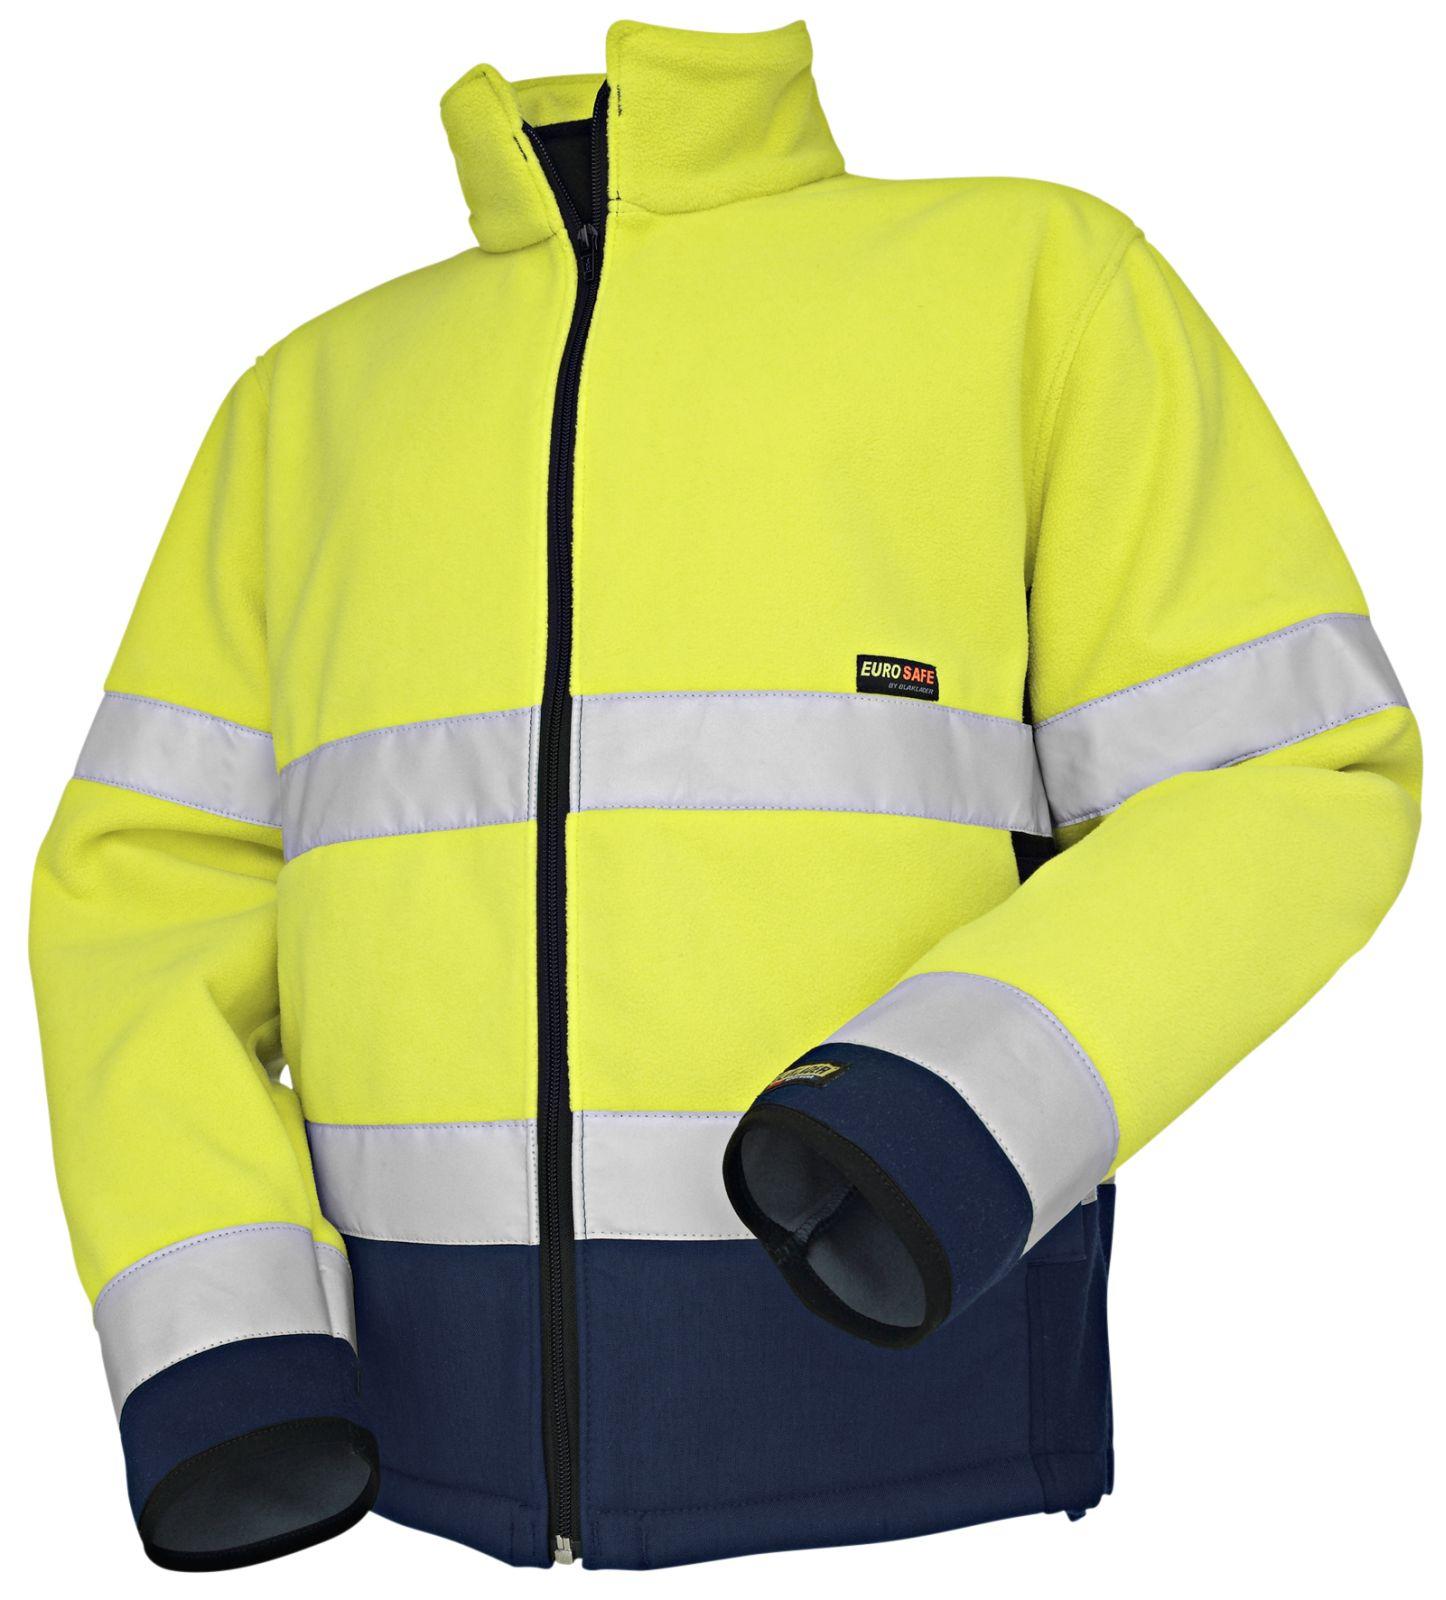 Blaklader Fleece jassen 48392545 High Vis geel-marineblauw(3389)